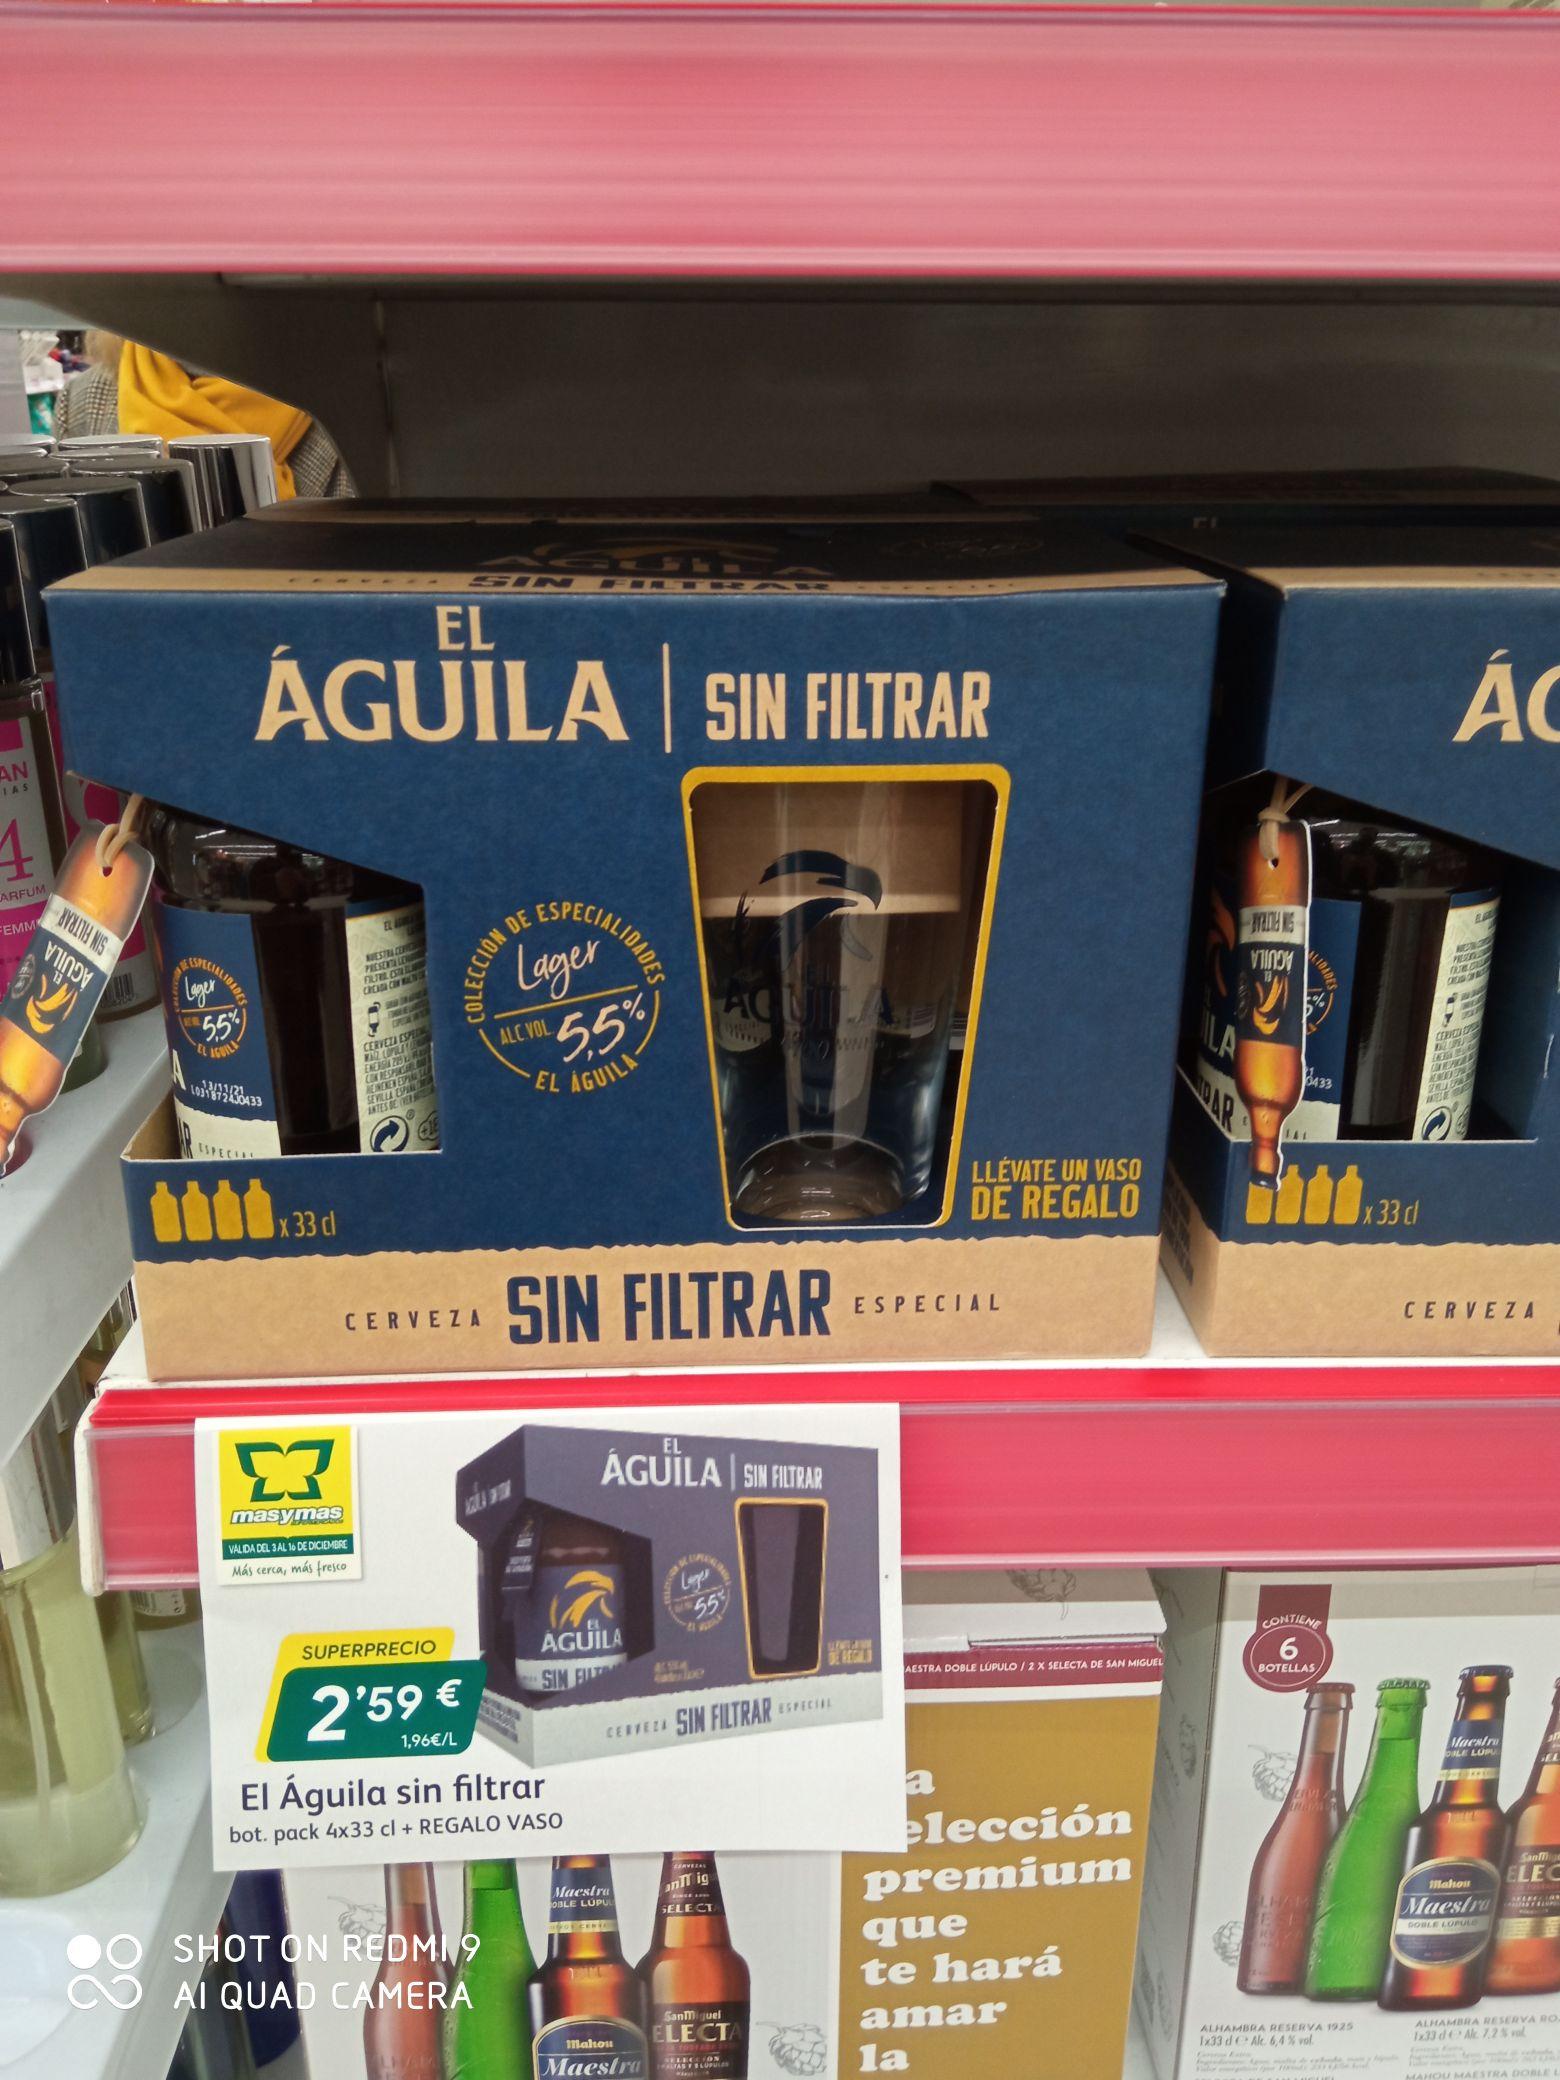 Cerveza El Águila sin filtrar, pack de 4 + vaso de regalo. Supermercados Más y Más.